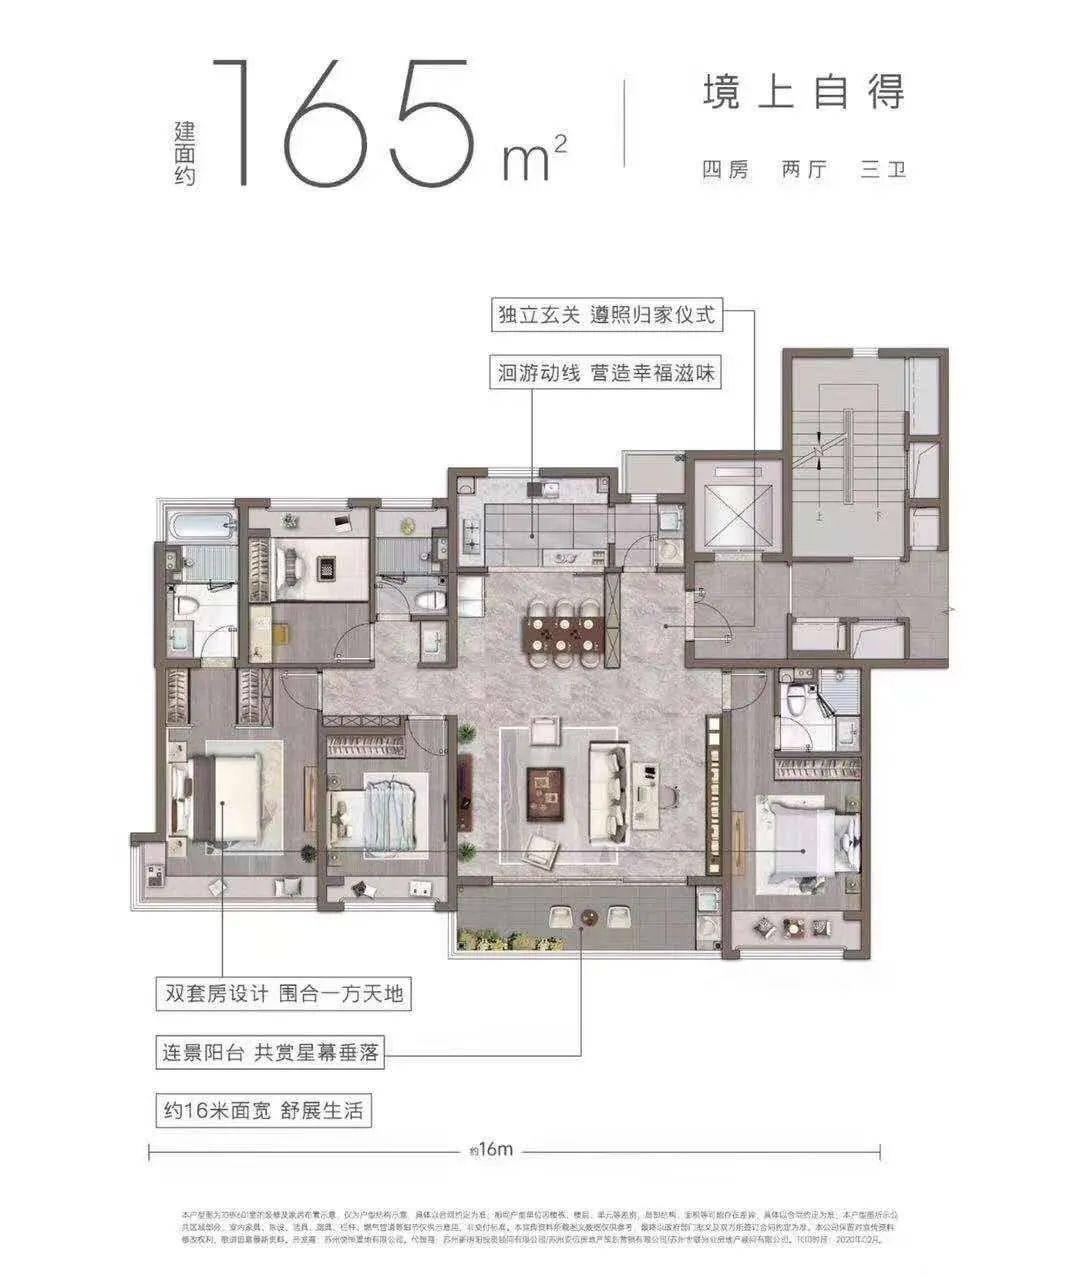 相城中央公园板块万科锦上和风华苑再次取证/212套精装高层,整体备案均价约27469元/㎡预计本周开盘(图7)